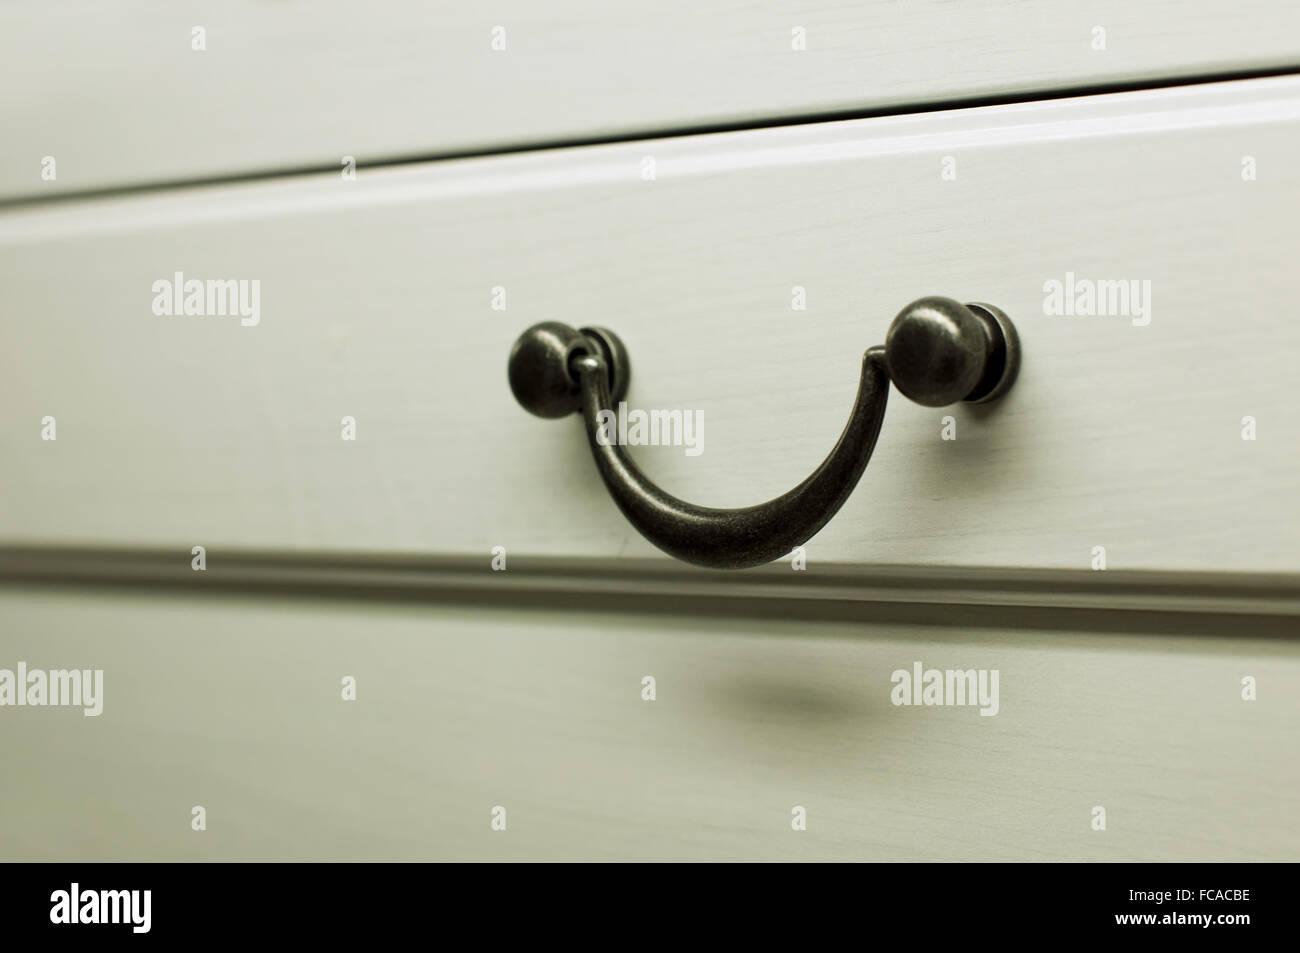 Küchenschrank Griffe Stockfoto, Bild: 93656962 - Alamy